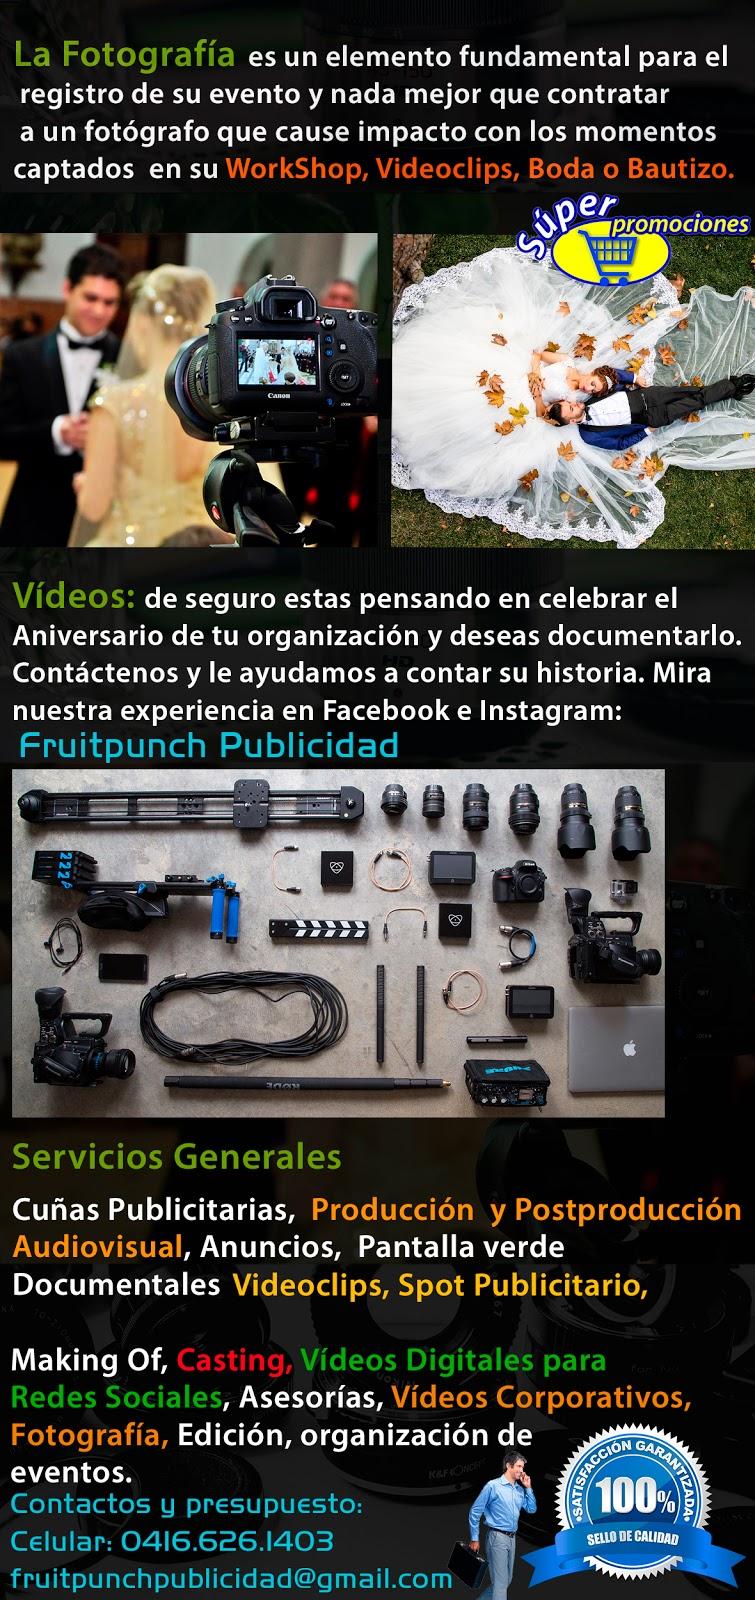 videoclip bautizo publicidad miranda